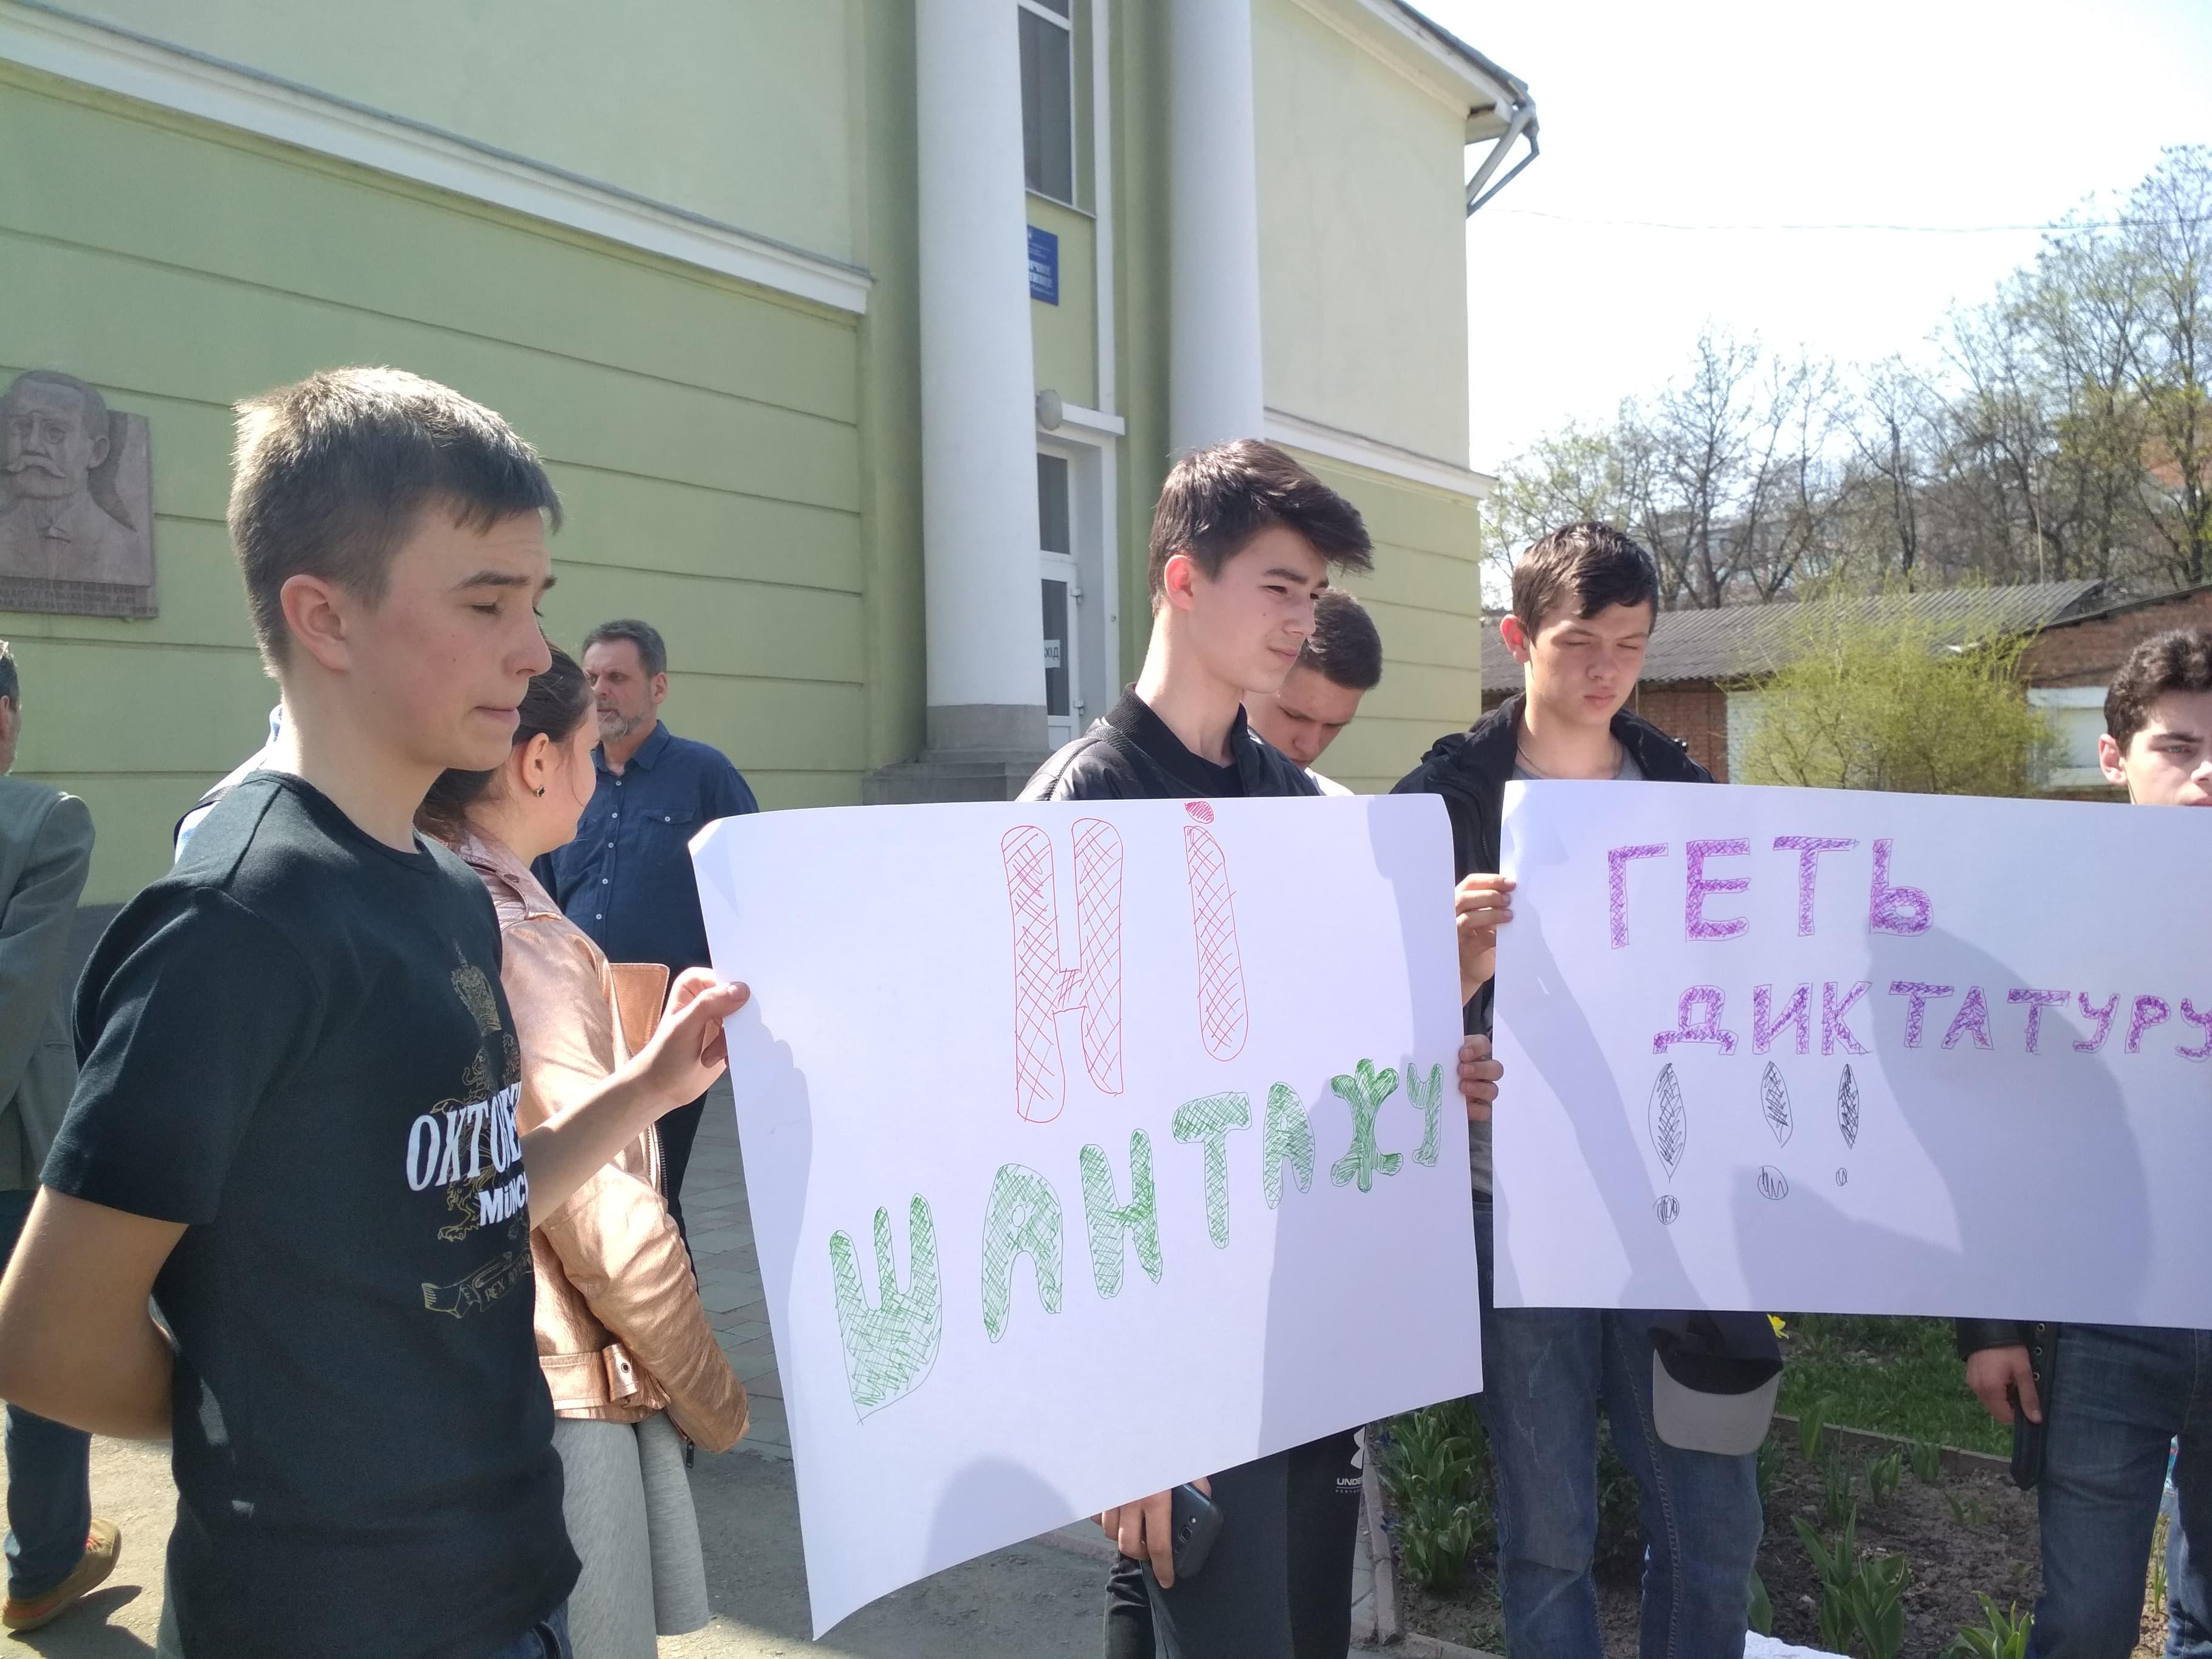 """Результат пошуку зображень за запитом """"Студенти івано-франківського музичного училища імені Січинського вийшли на мітинг"""""""